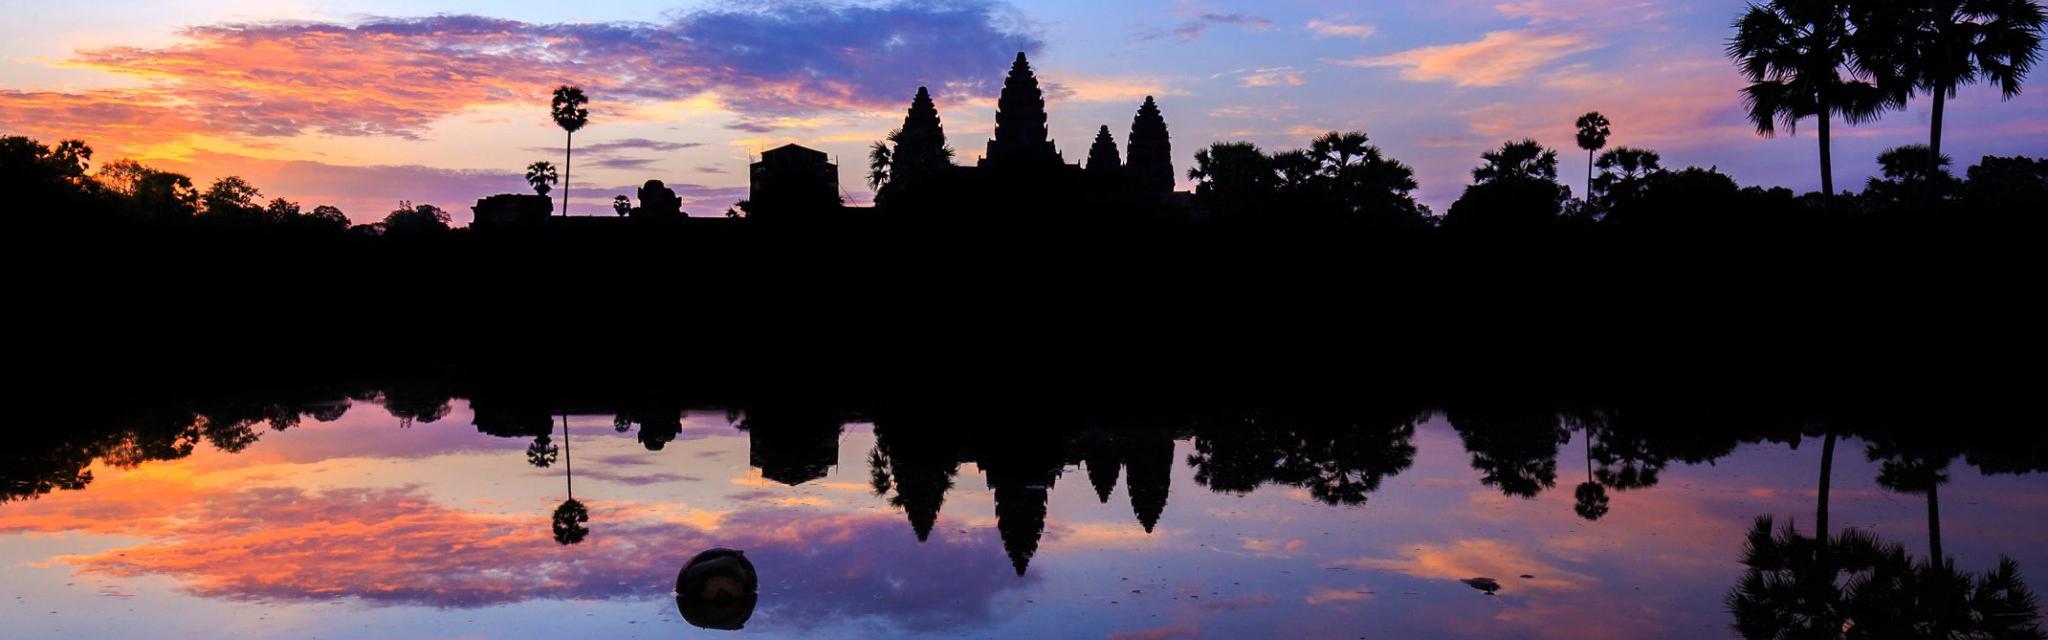 Cambodia Siem Reap Ads